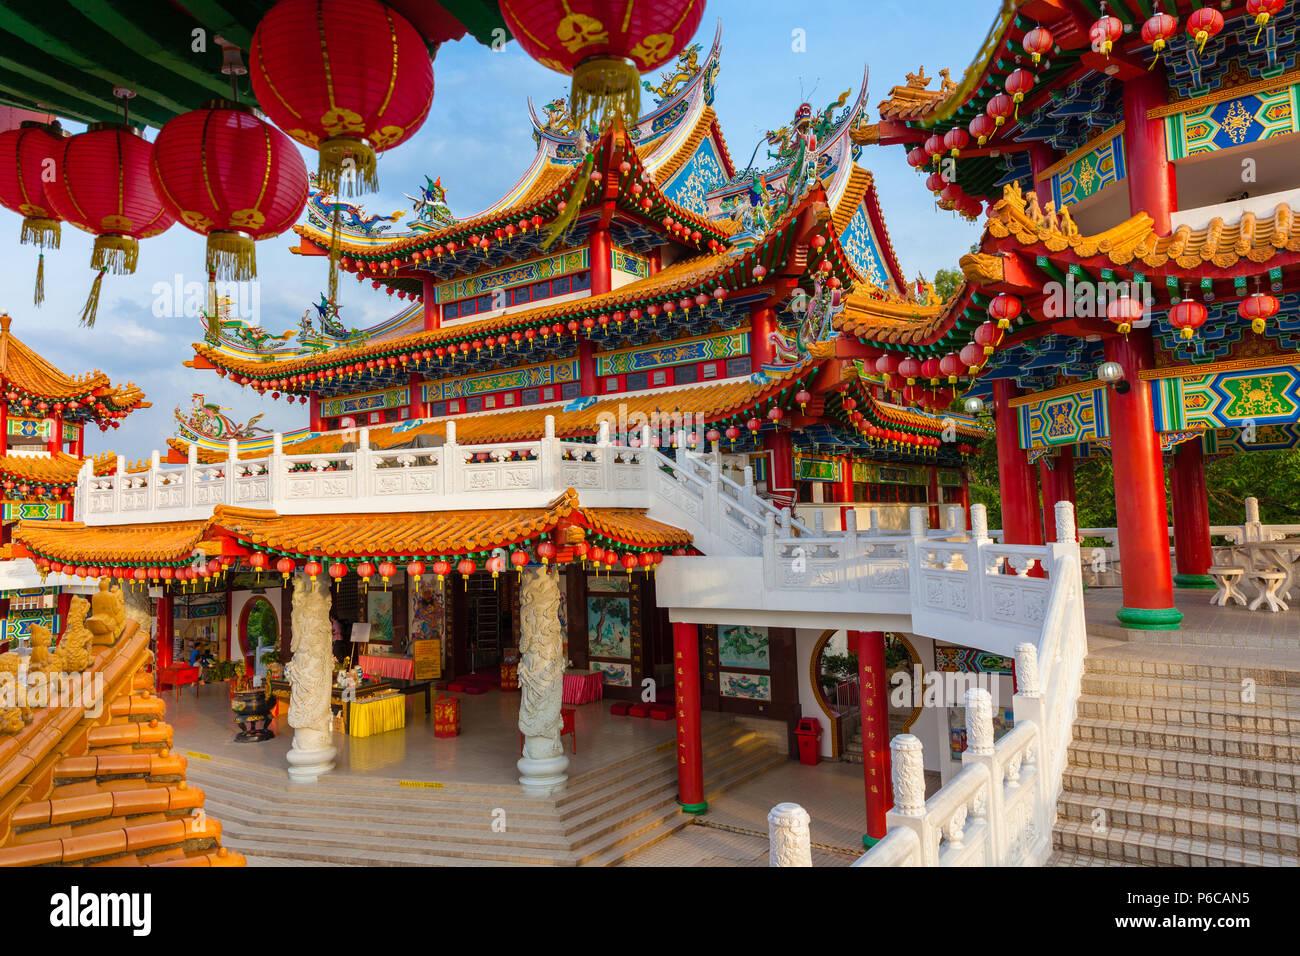 Decorazioni Con Lanterne Cinesi : Thean hou tempio decorato con rosso lanterne cinesi kuala lumpur